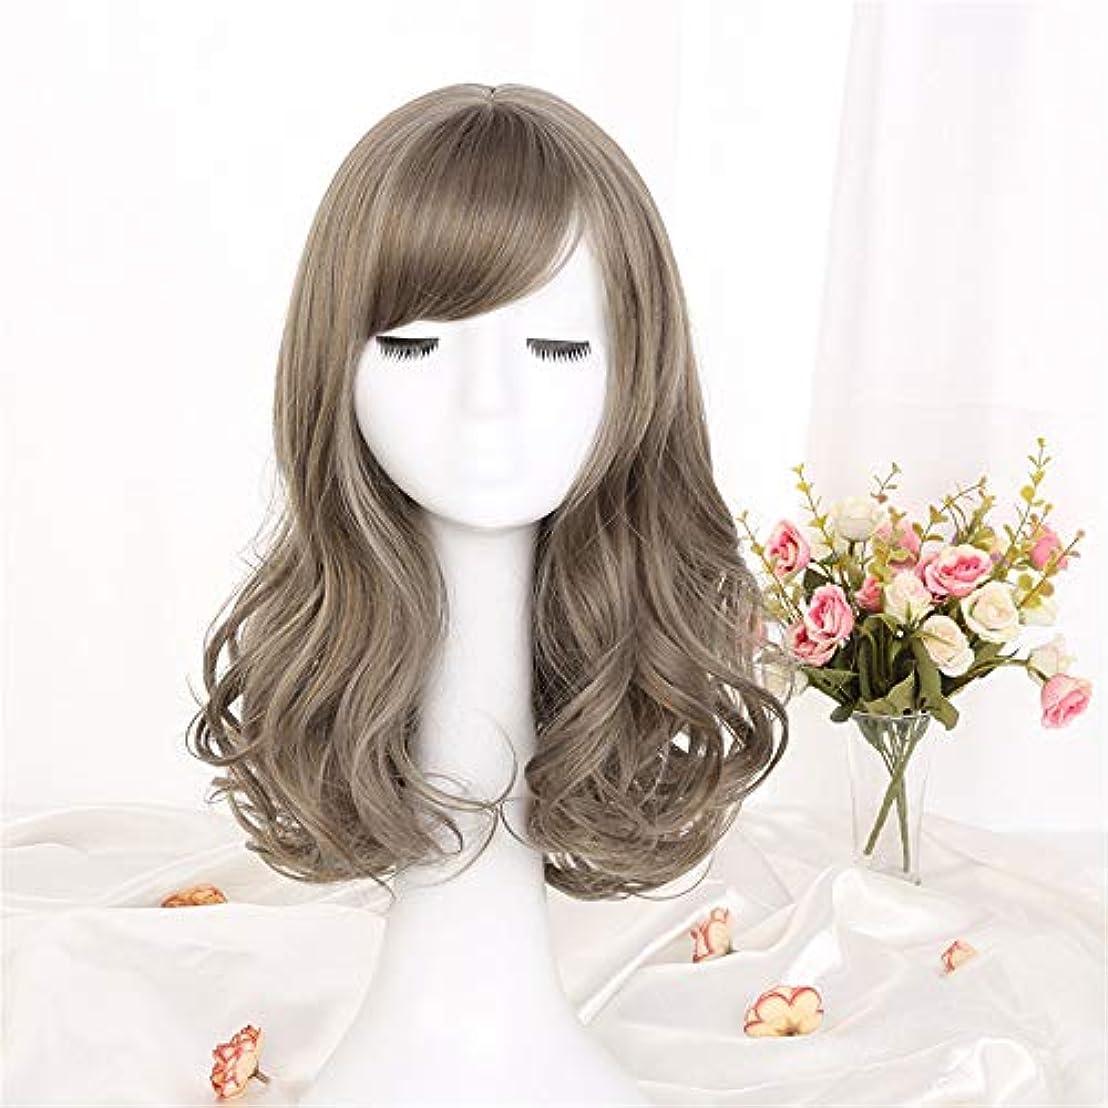 常習者困惑可愛いウィッグ髪化学繊維フードミディアム長波高温合成繊維ウィッグ女性用ウィッググリーンウッドリネンアッシュ42cm